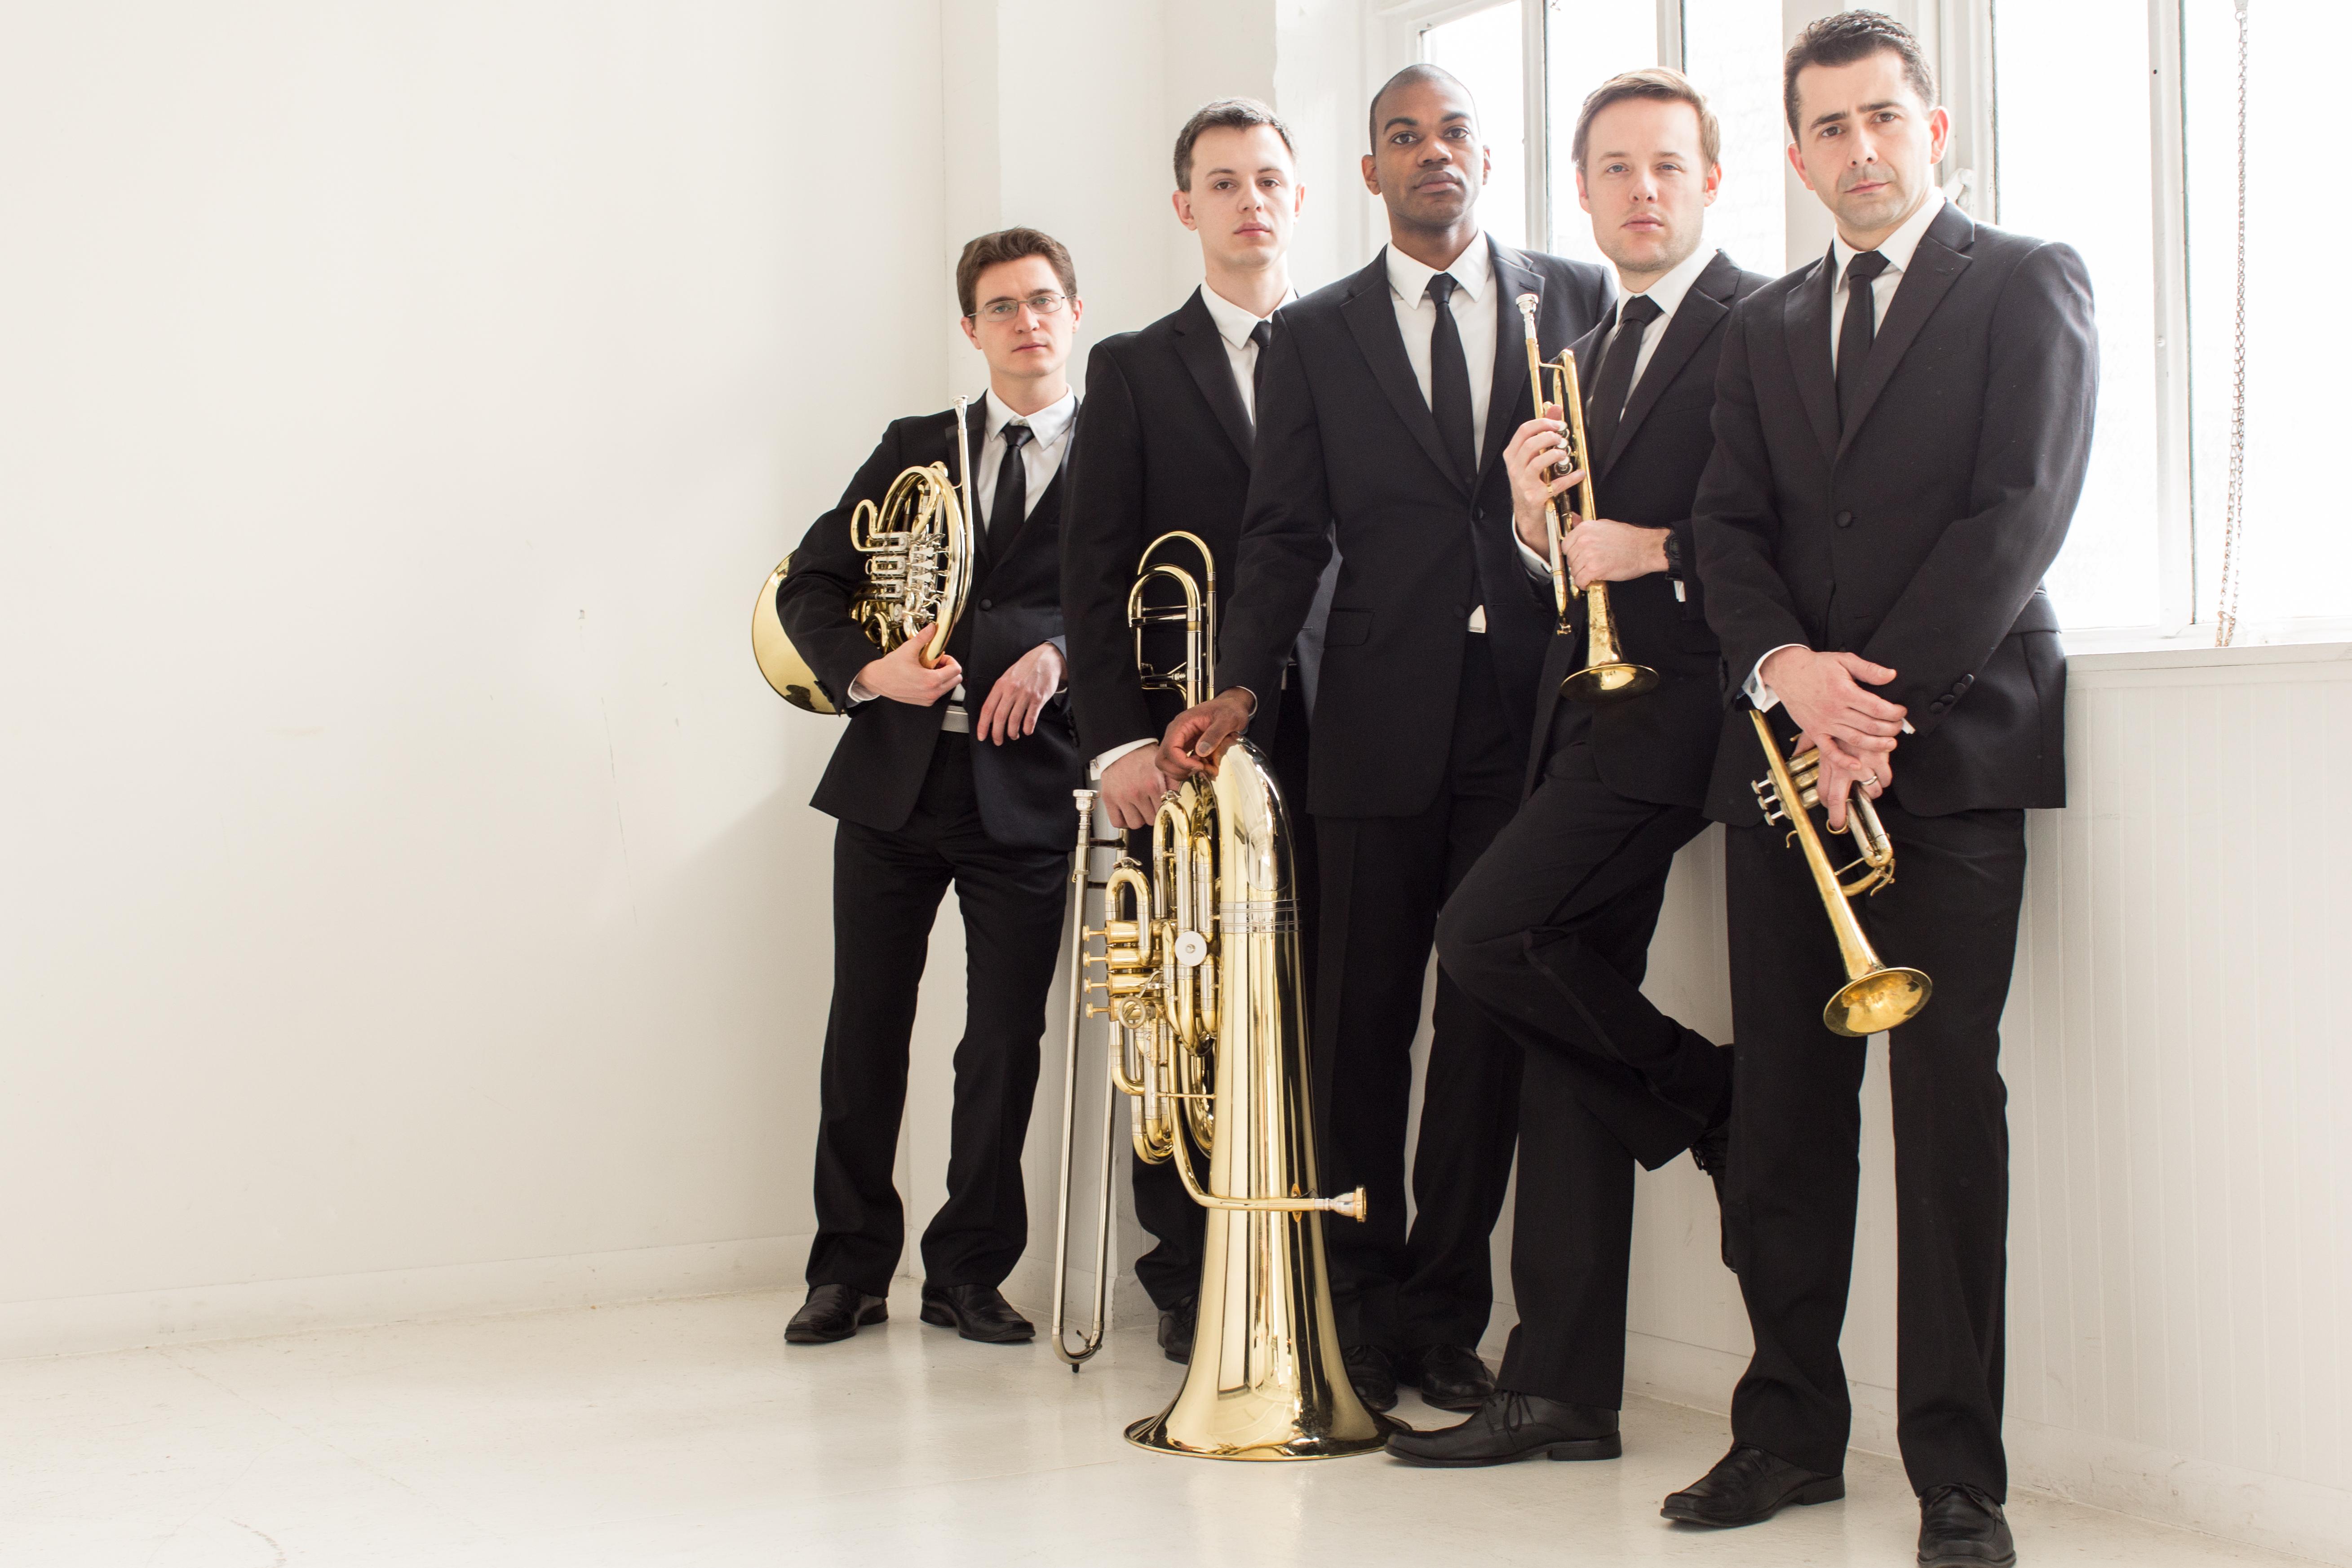 Axiom Brass Ensemble